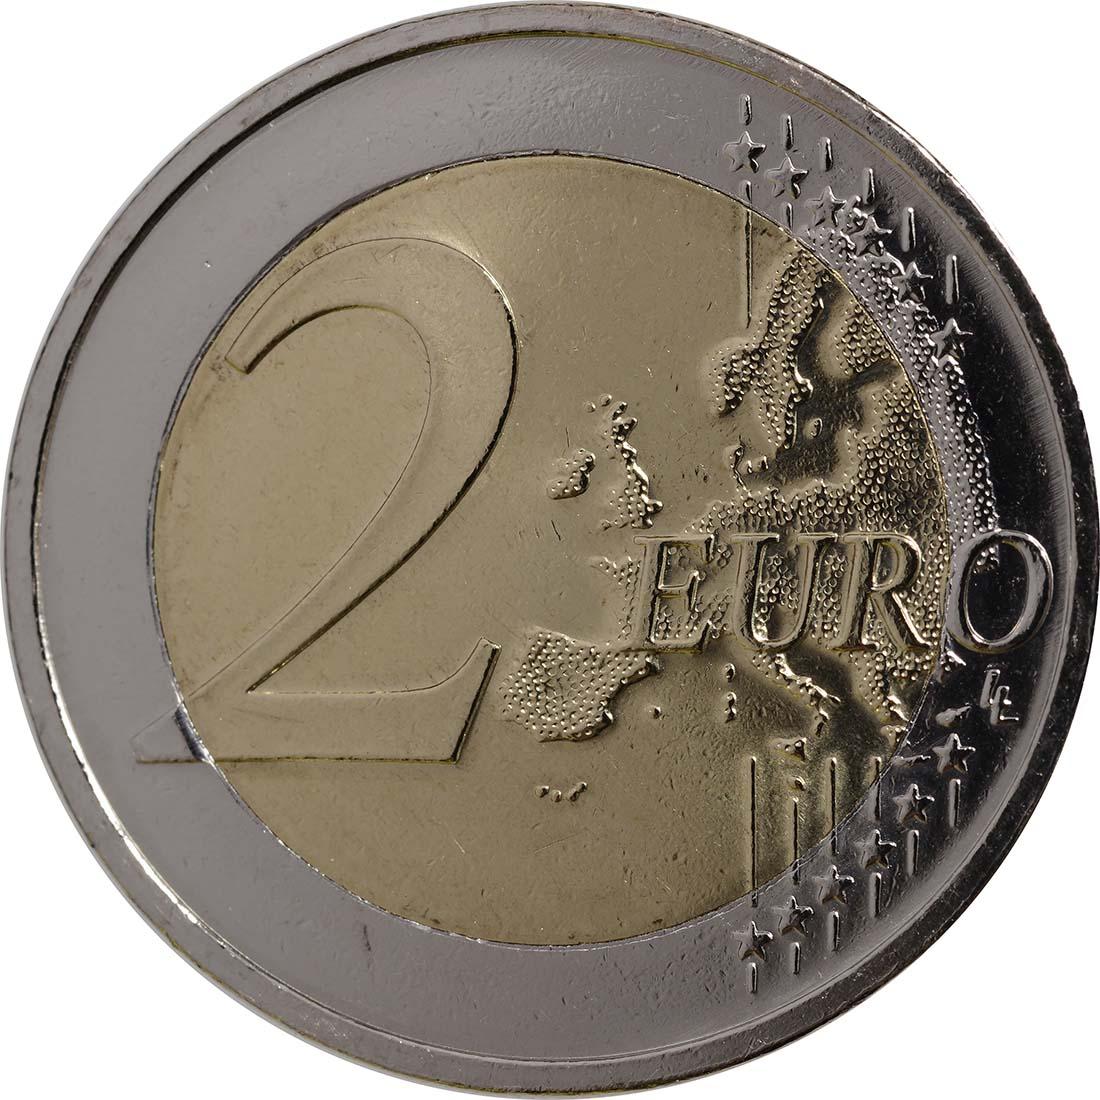 deutschland 2 euro elys e vertrag 2013 d div stgl 3 5 euro. Black Bedroom Furniture Sets. Home Design Ideas